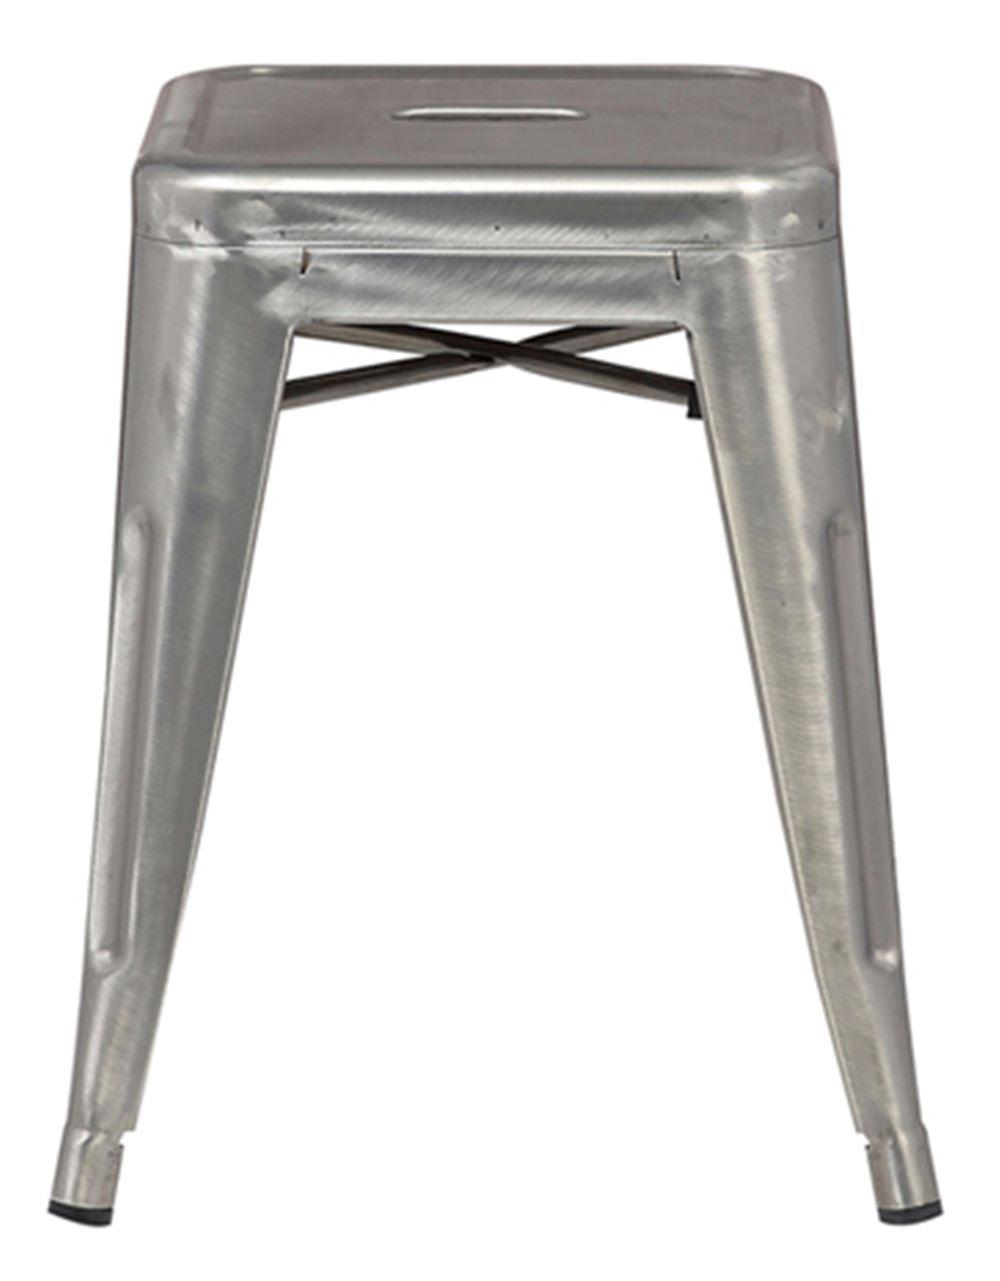 Banqueta Iron Baixa Cor Aco 46 cm (ALT) - 37991